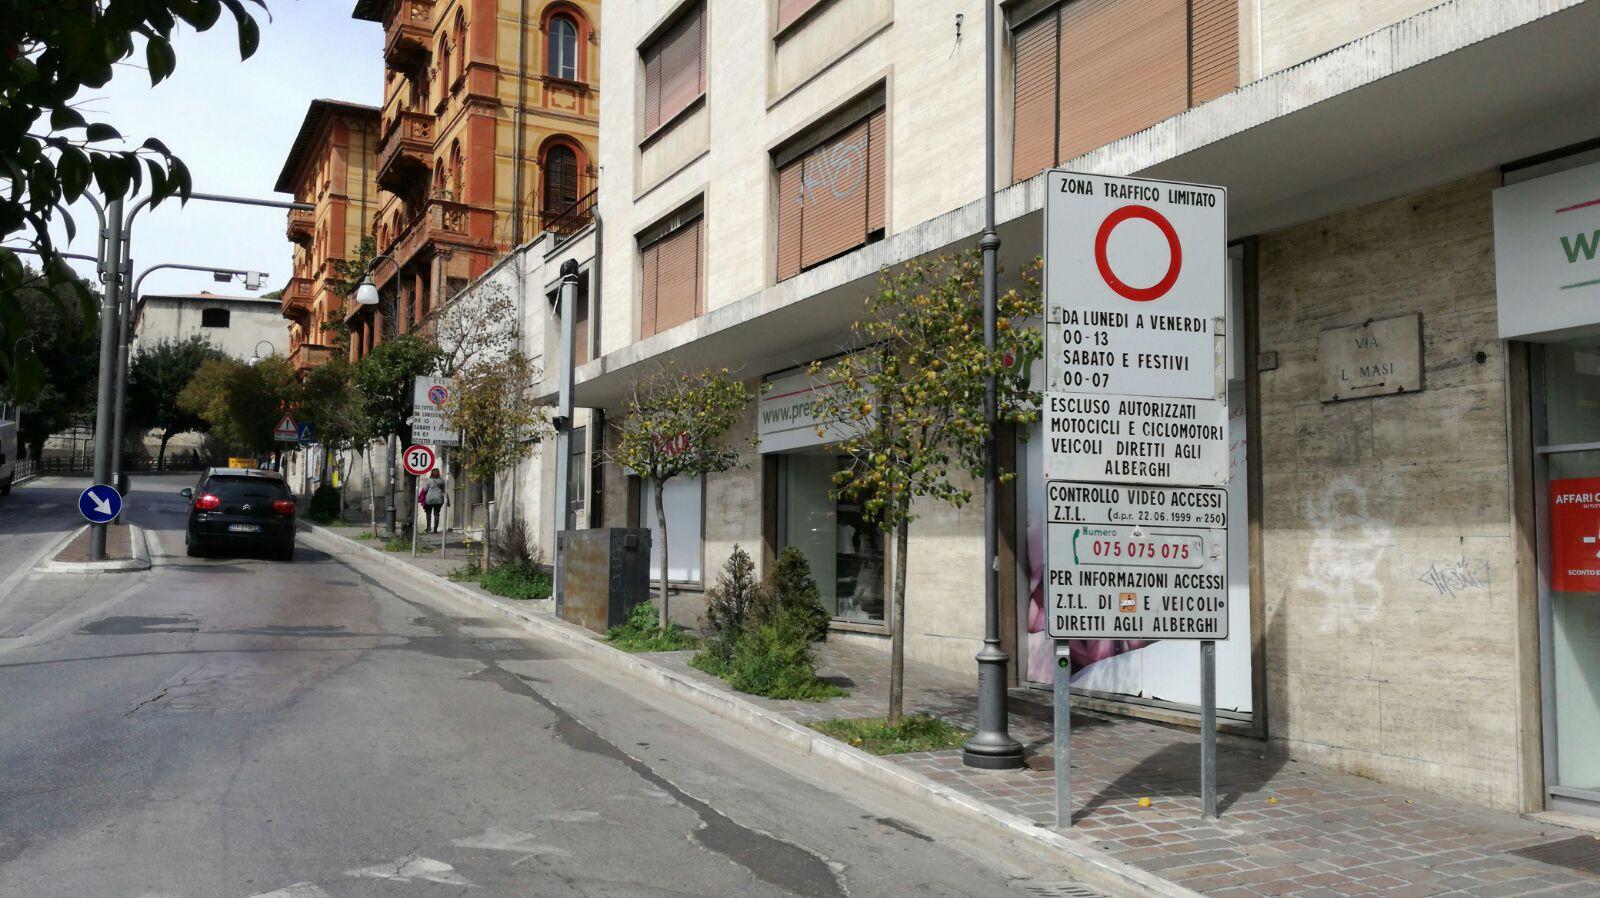 Ufficio Ztl Perugia : Ztl perugia i permessi si rinnovano in rete umbriaon